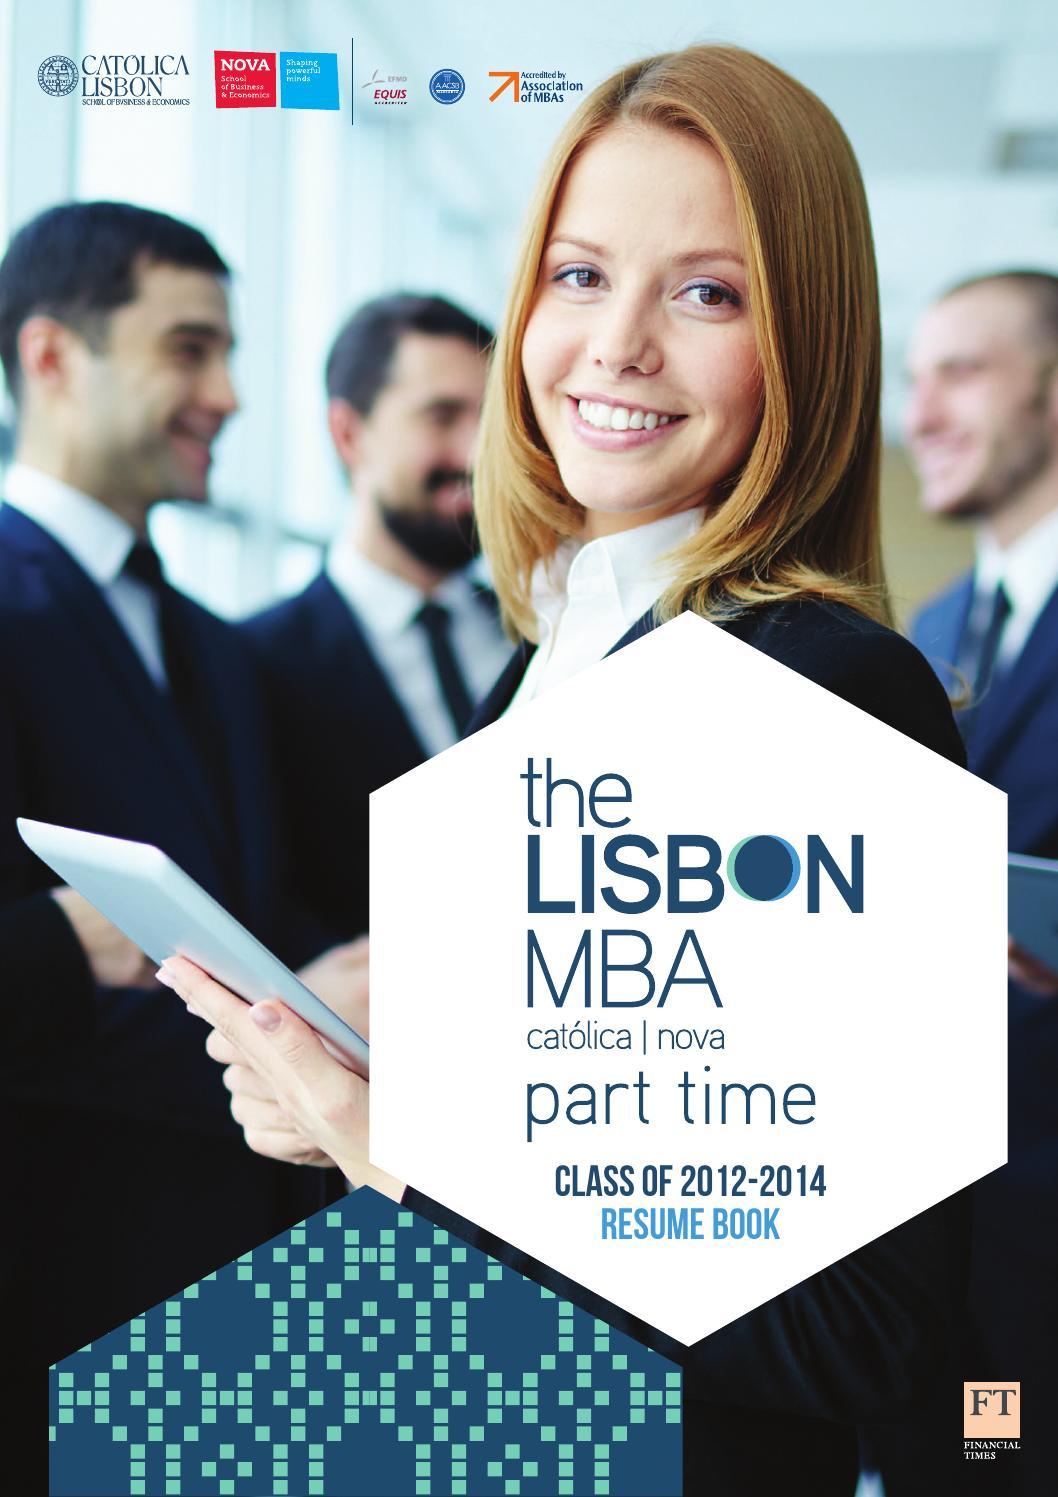 the lisbon mba issuu